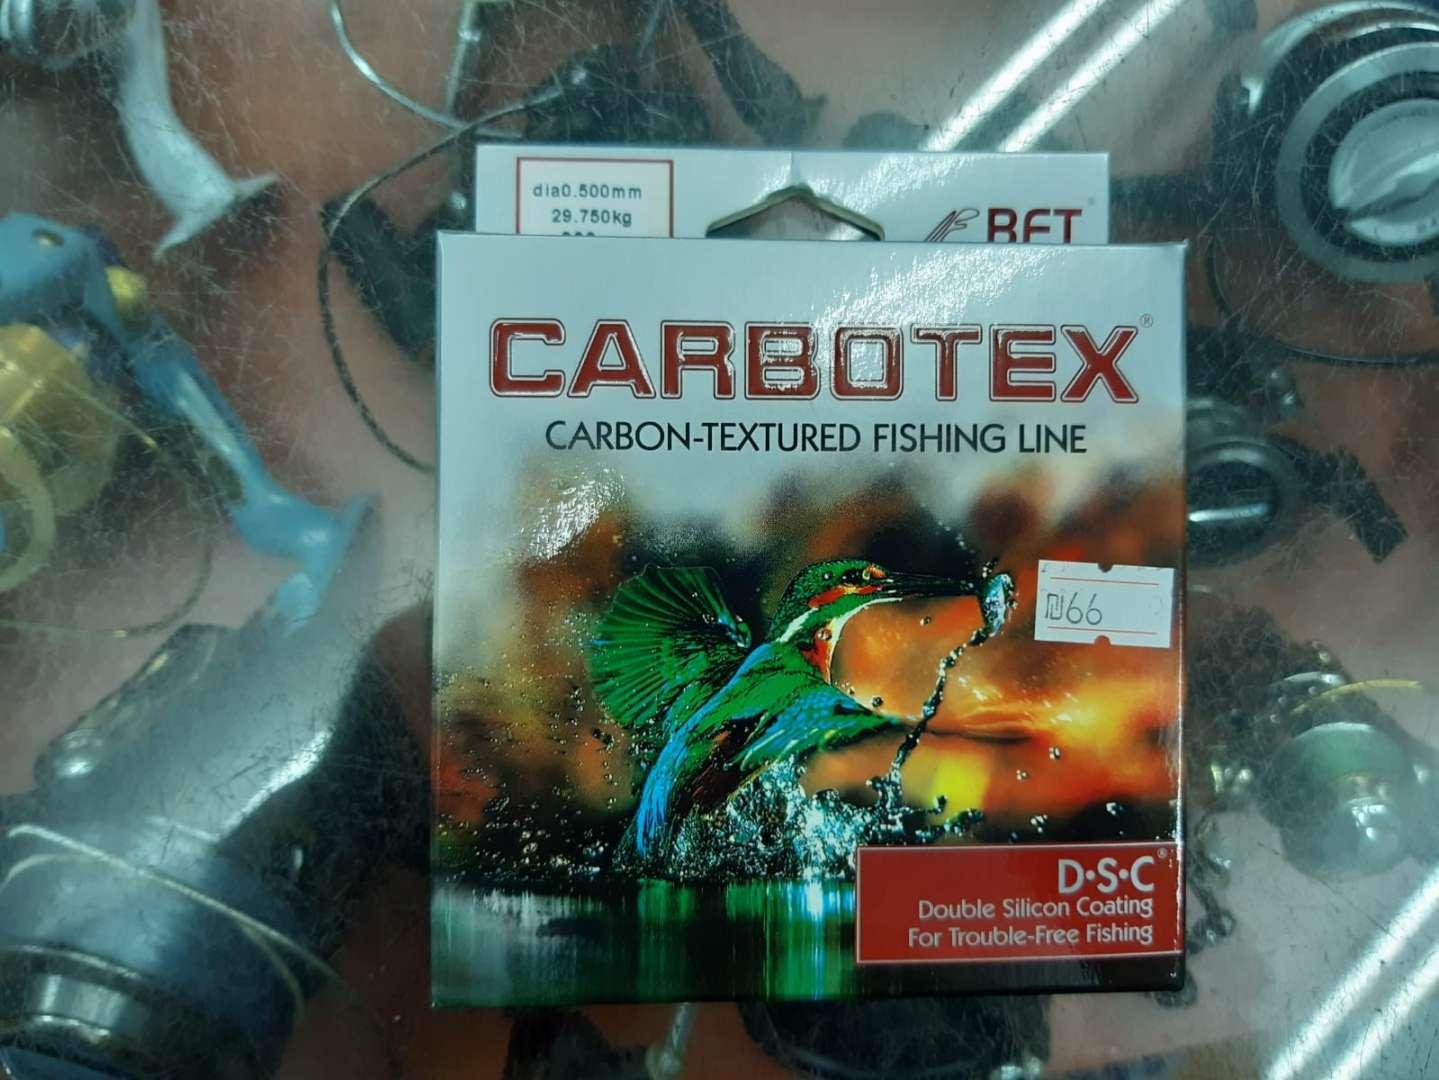 חוט נילון של CARBOTEX